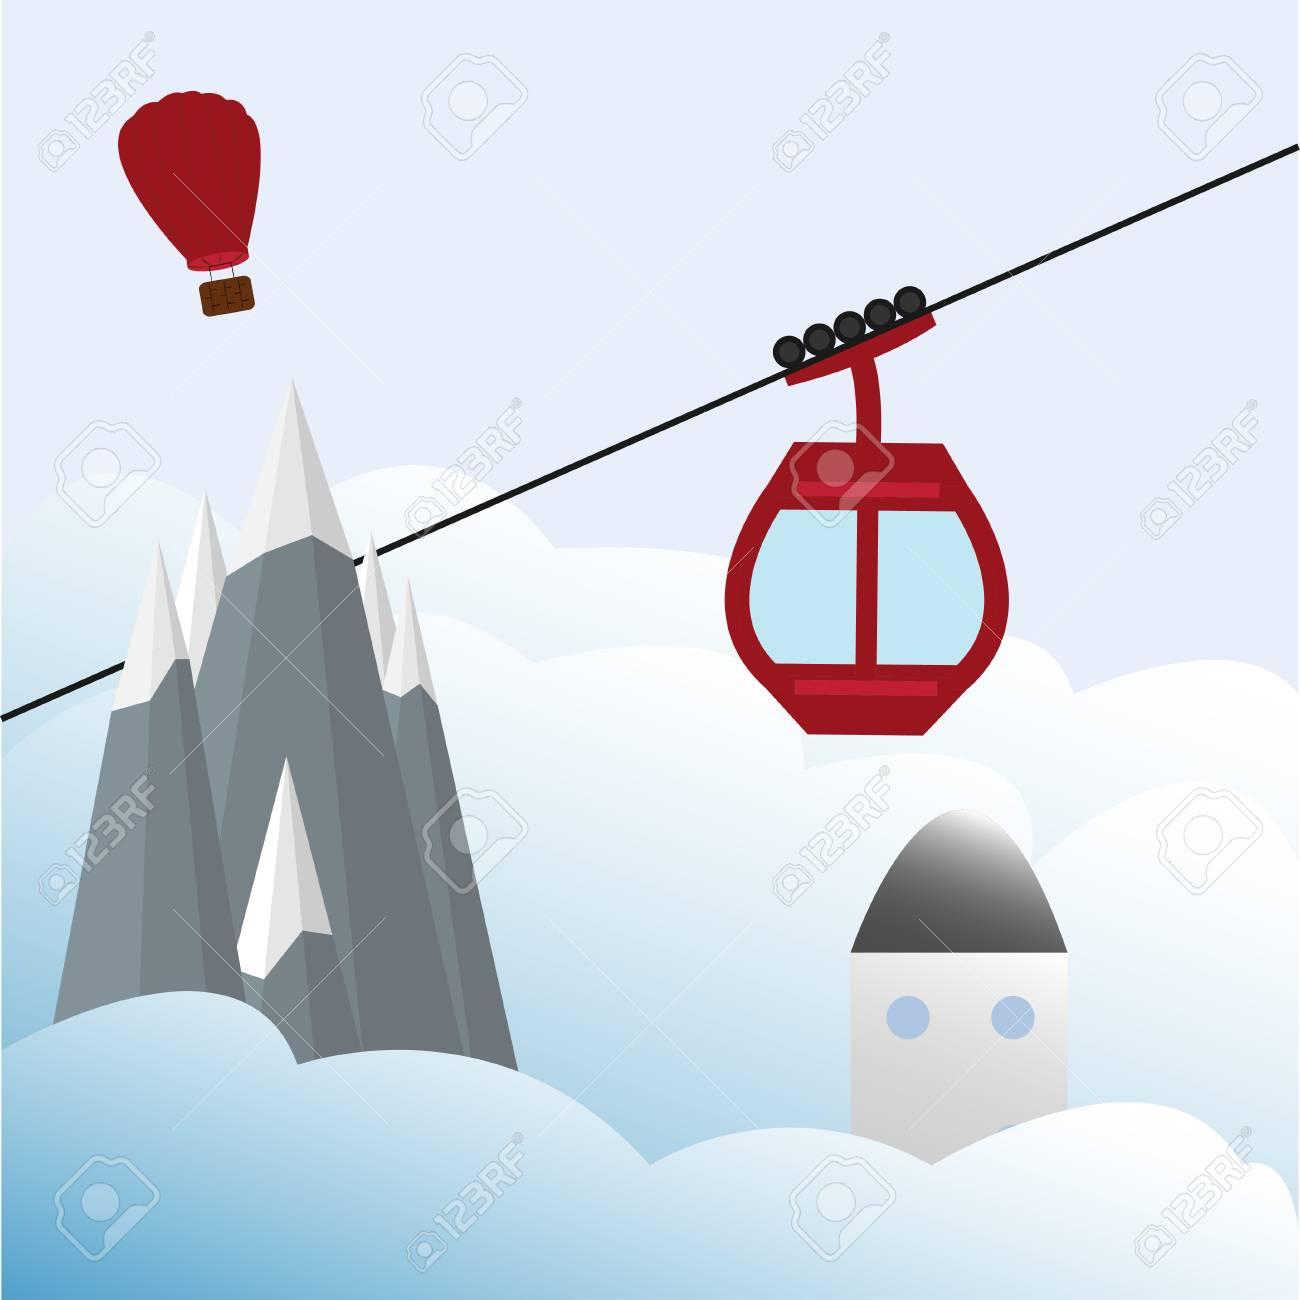 スキー場のリフト ゴンドラ雪山気球イラストのイラスト素材ベクタ